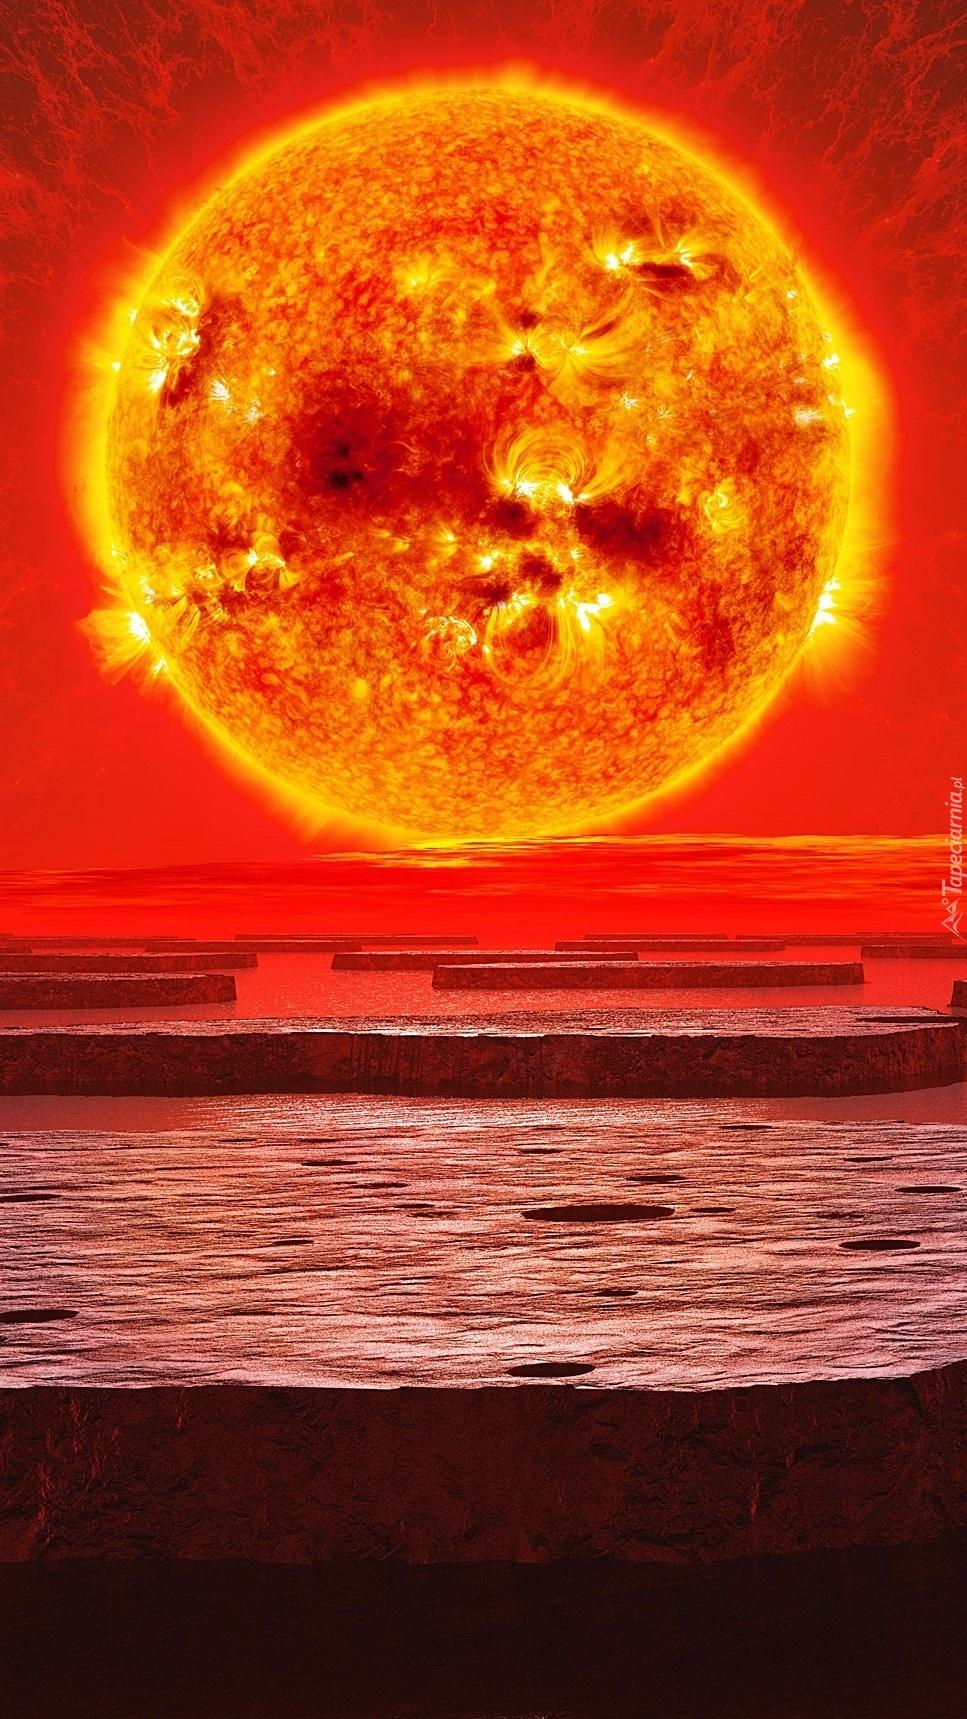 Gorąca planeta